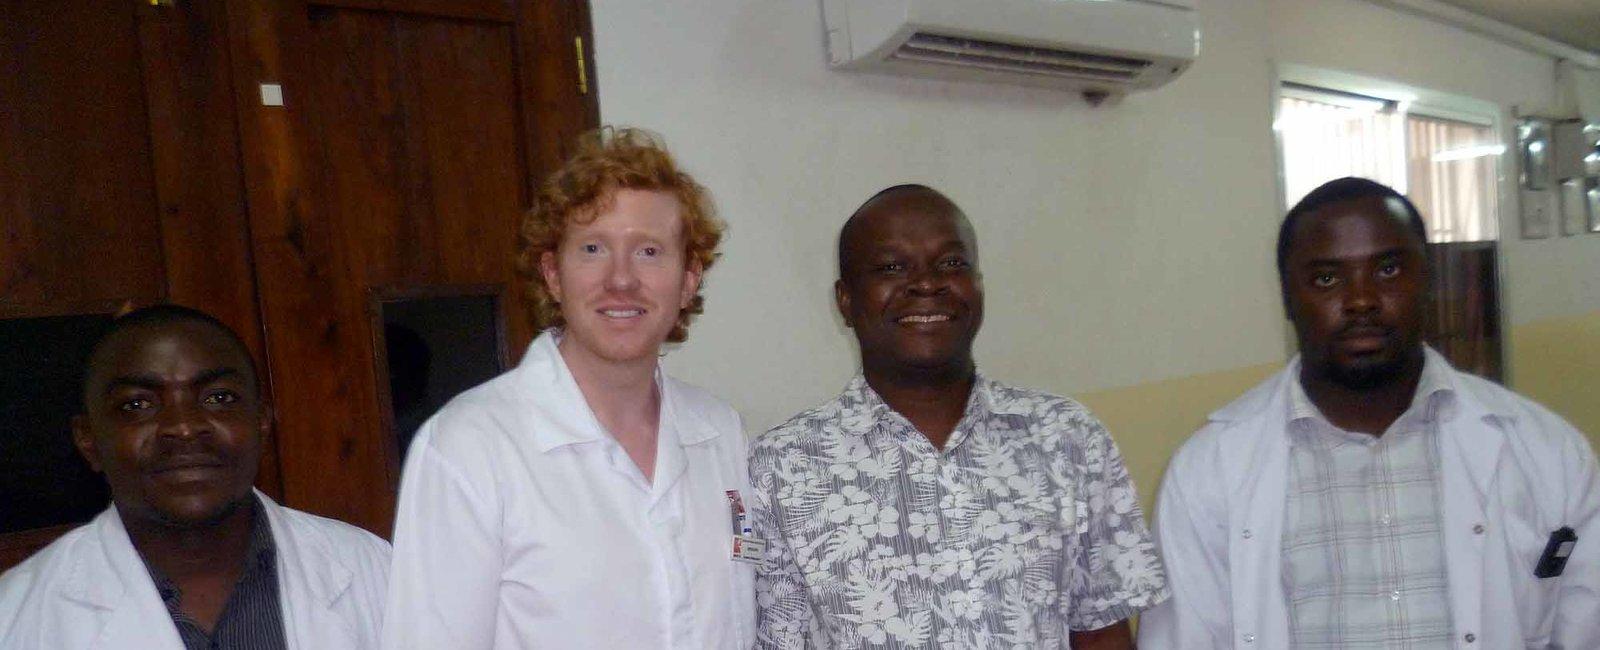 David Evans - Radiography Electives in Tanzania Dar es Salaam